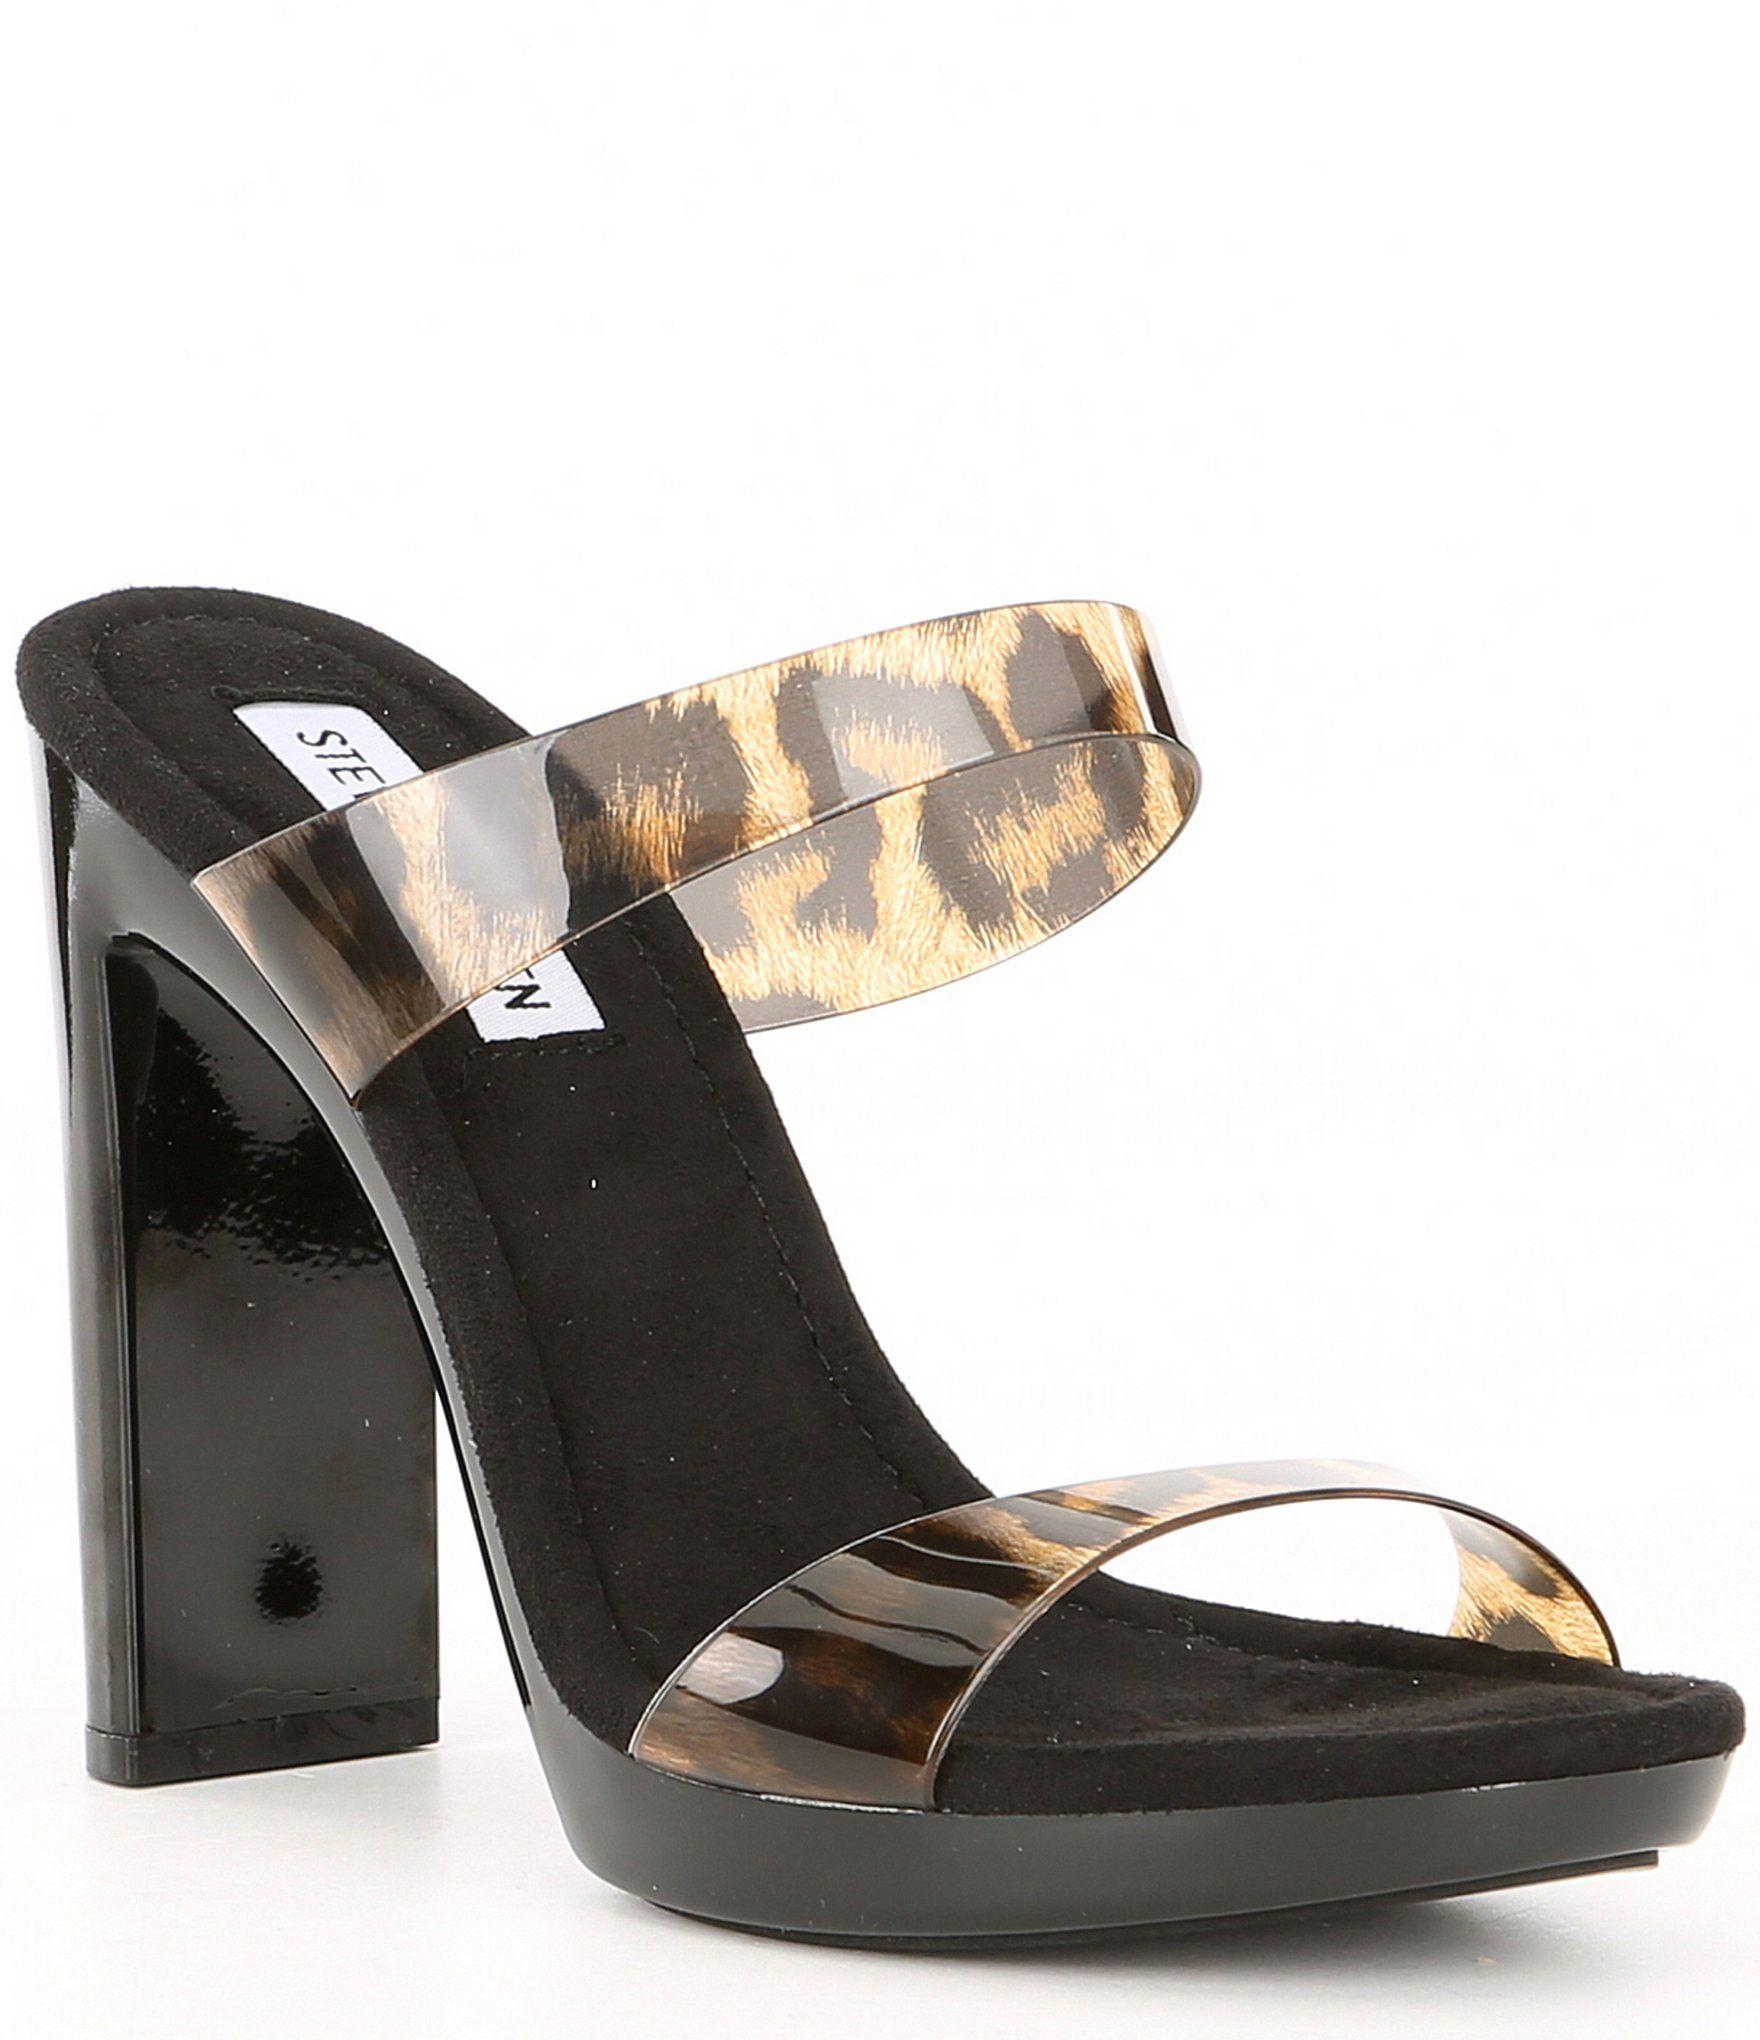 Definición bolsillo Solo haz  Steve Madden Glassy Leopard Mule Dress Sandals - Leopard 9M | Women's  mules, Steve madden, Dress sandals